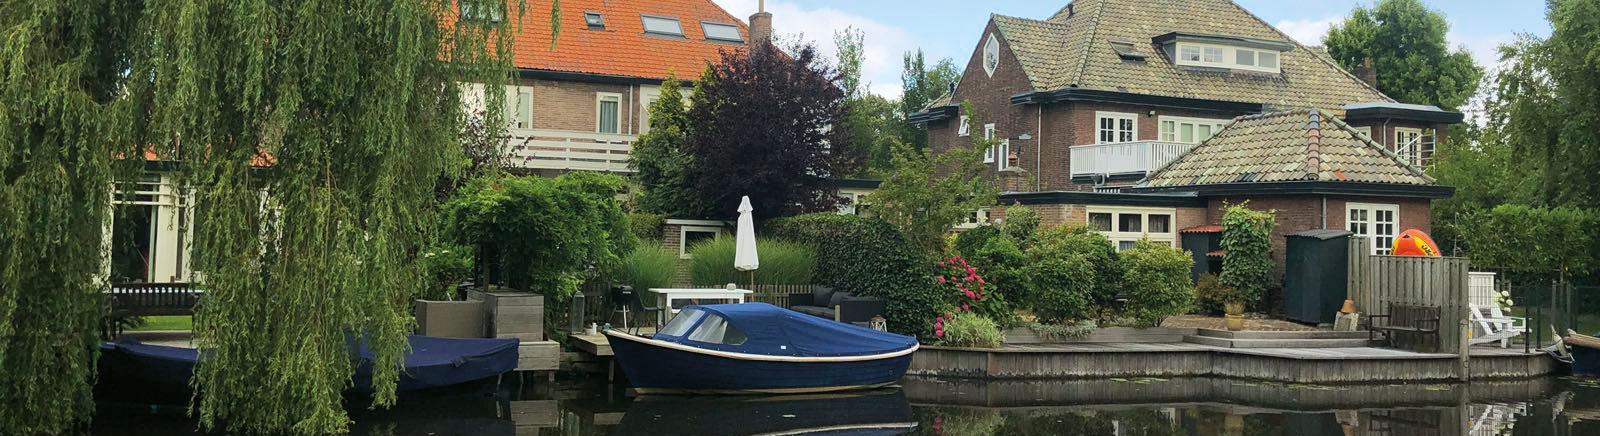 Heemstede-Beste-Woongemeente-Nederland